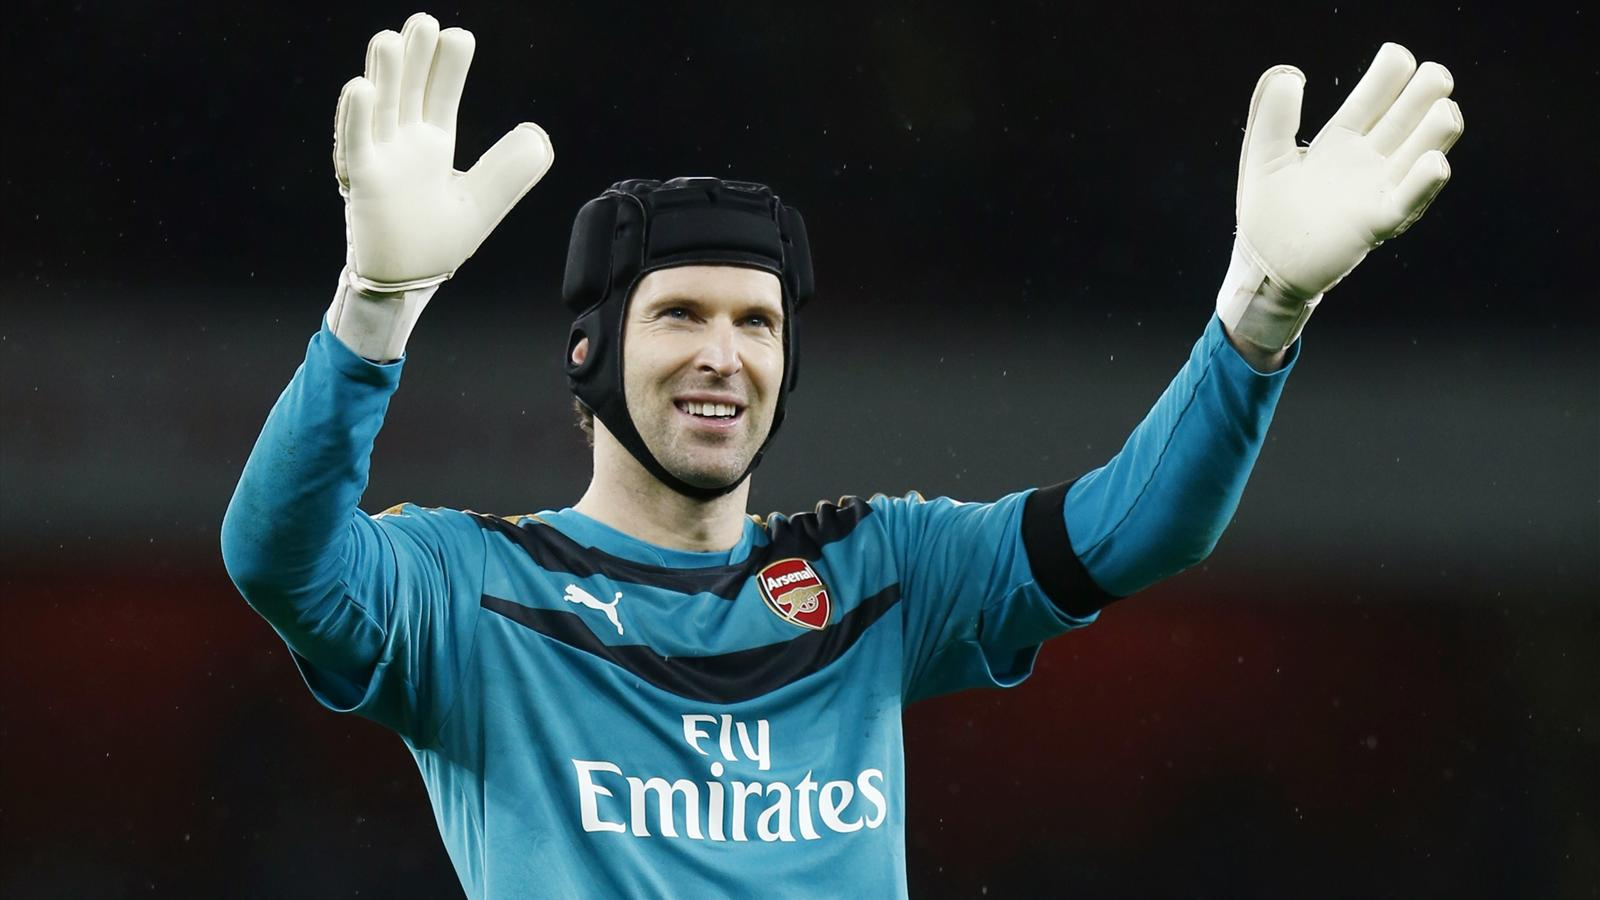 Petr Cech celebrates Arsenal's 1-0 win over Newcastle